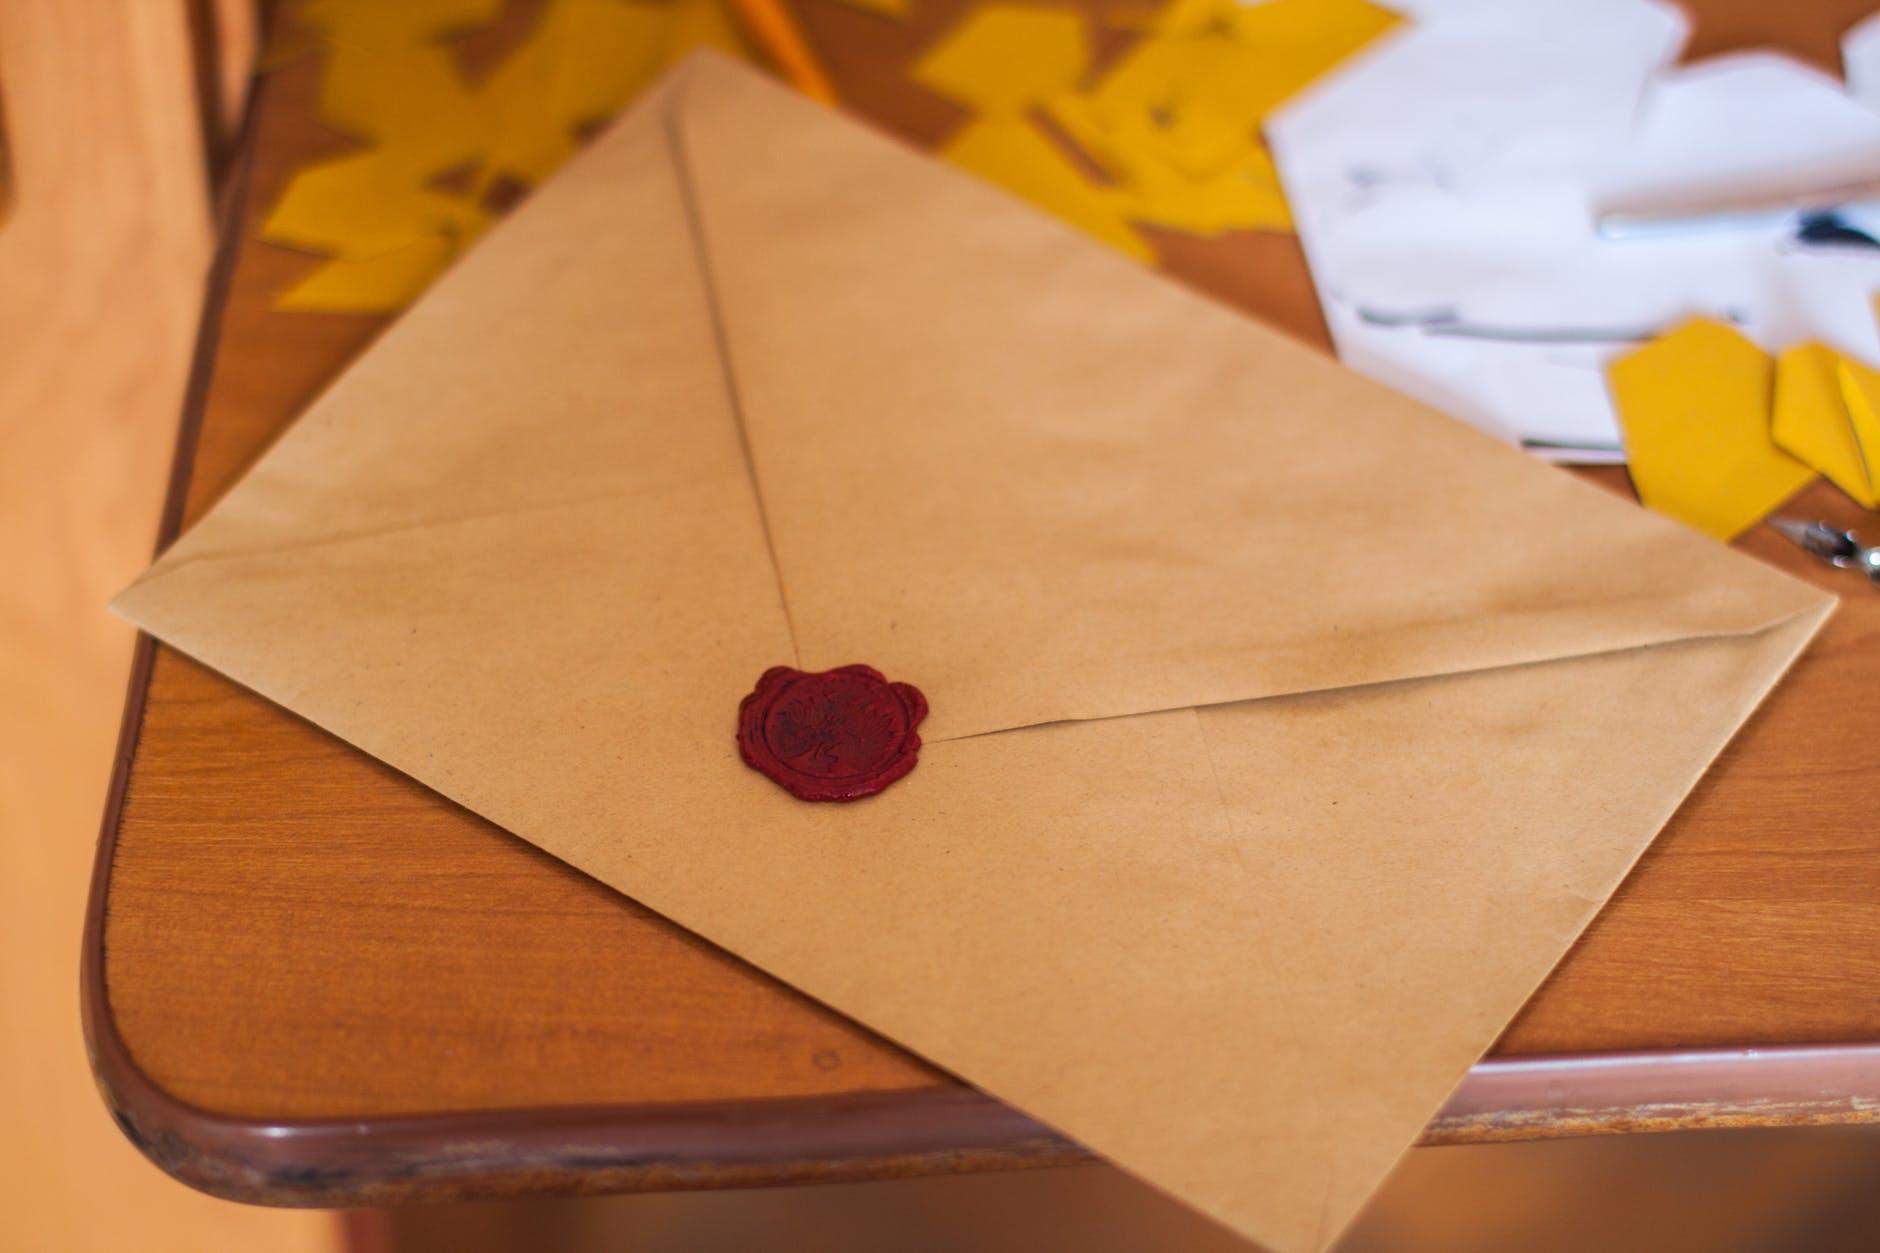 Briefumschlag auf der Ecke eines Tisches, mit rotem Wachs versiegelt.